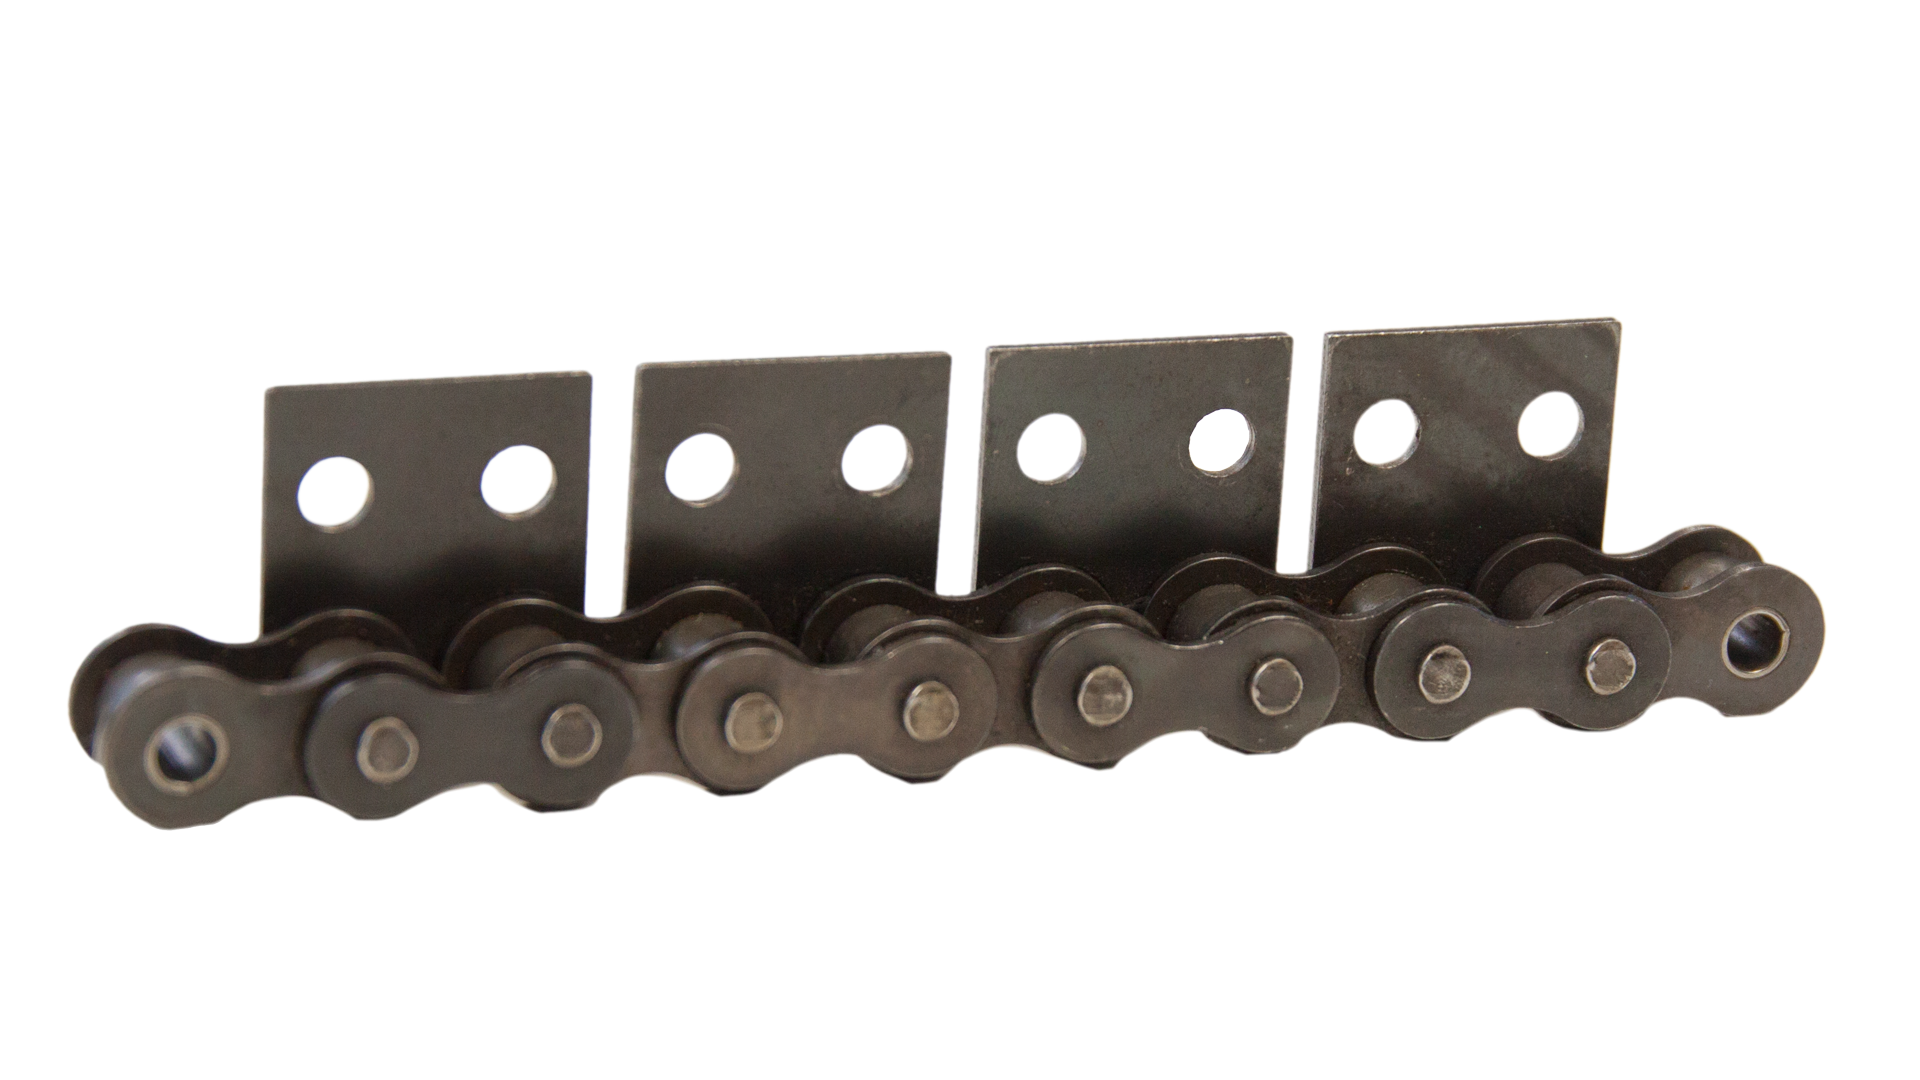 Einfach-Rollenkette (Simplex), mit einseitigen Flachlaschen